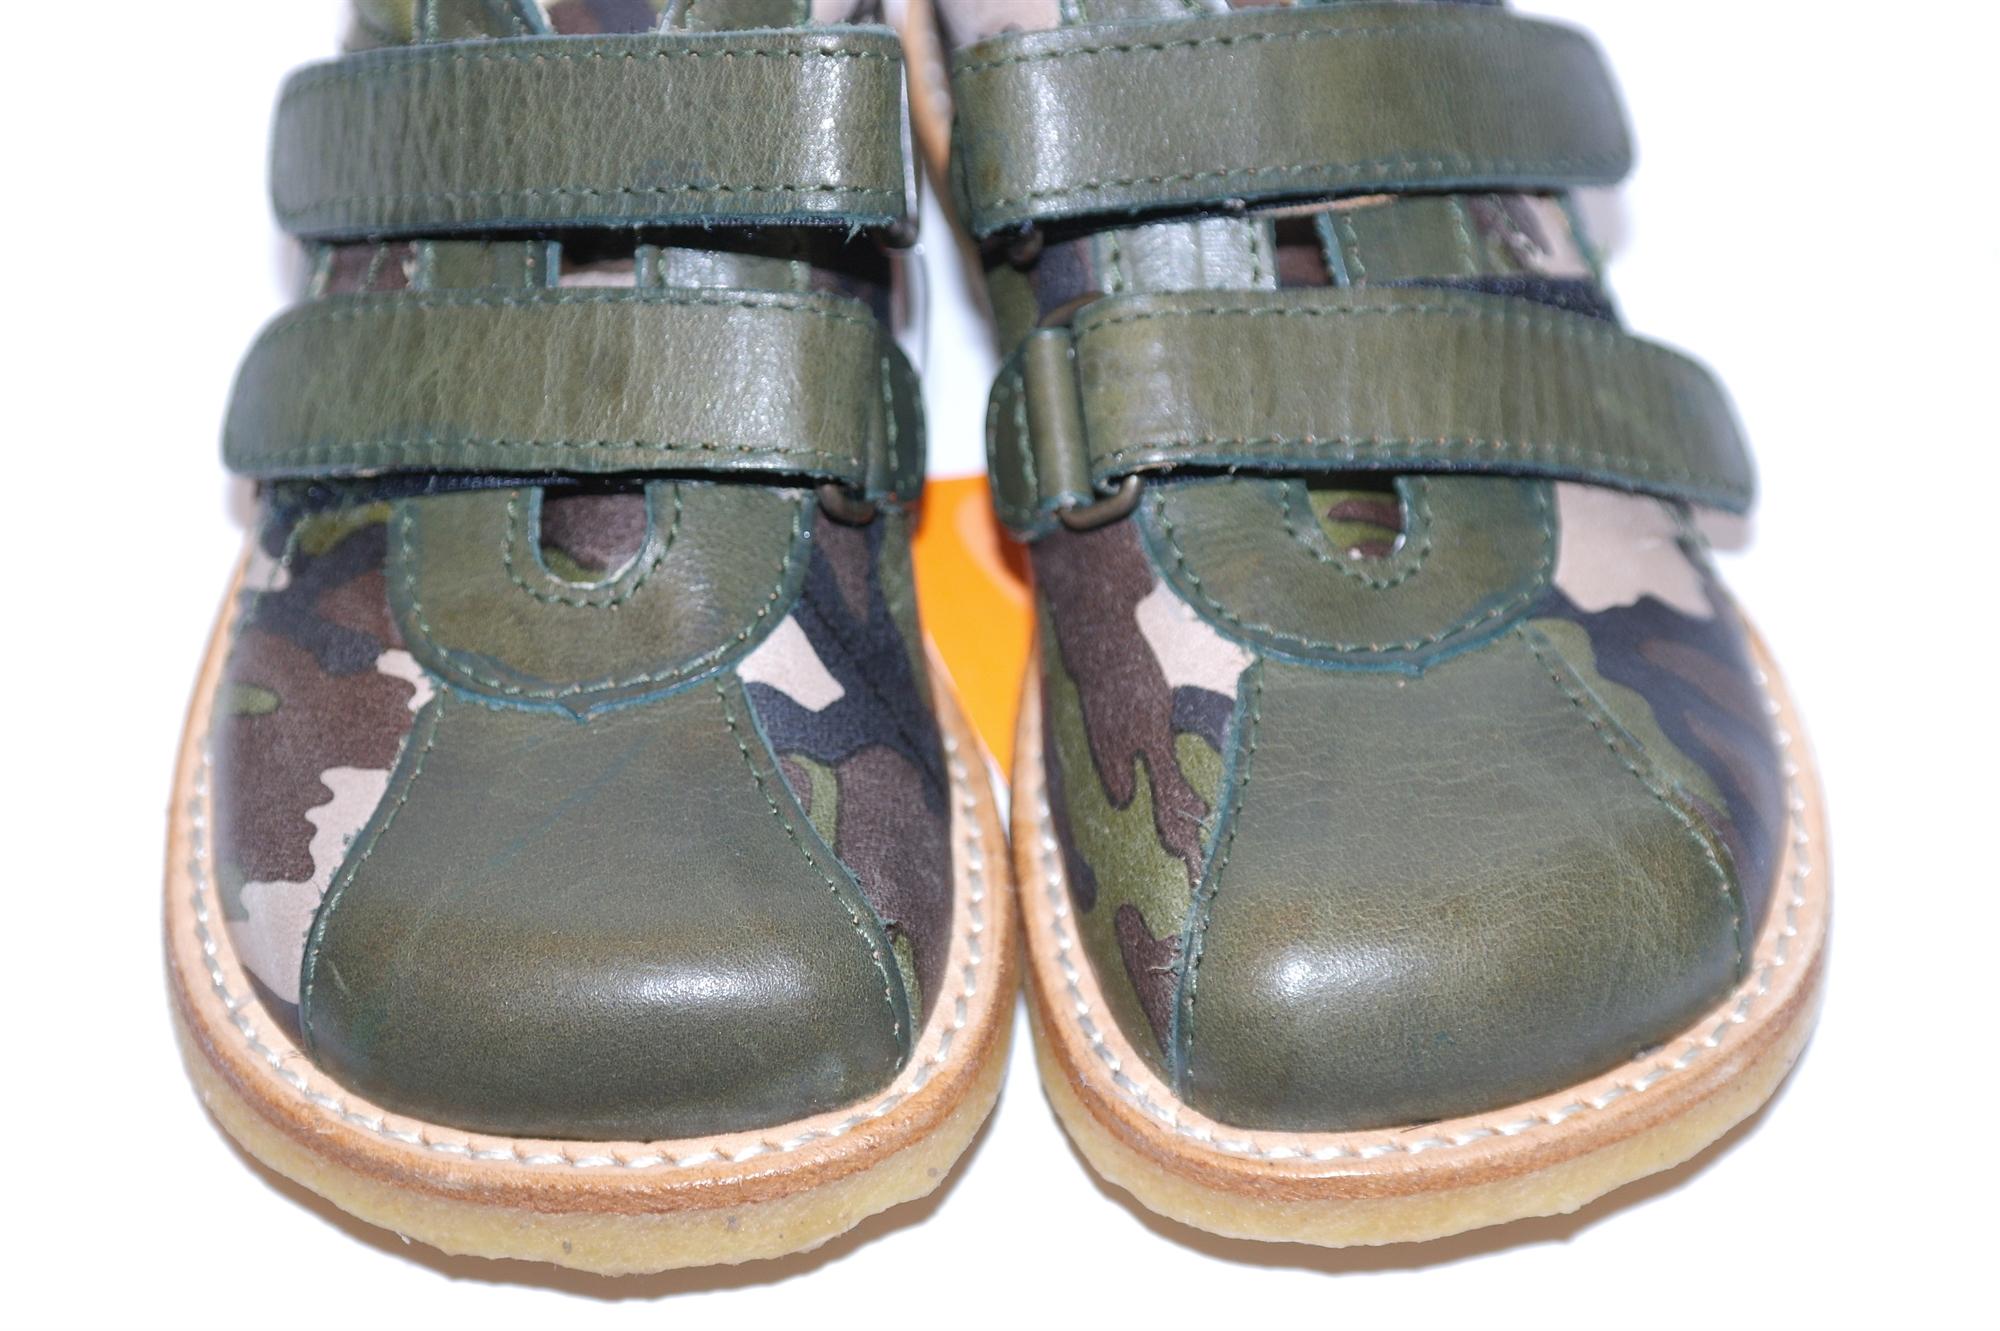 1af8522e1ed Bundgaard Børnesko - Alt i Børnesko og Børnestøvler prewalker sko tilbud